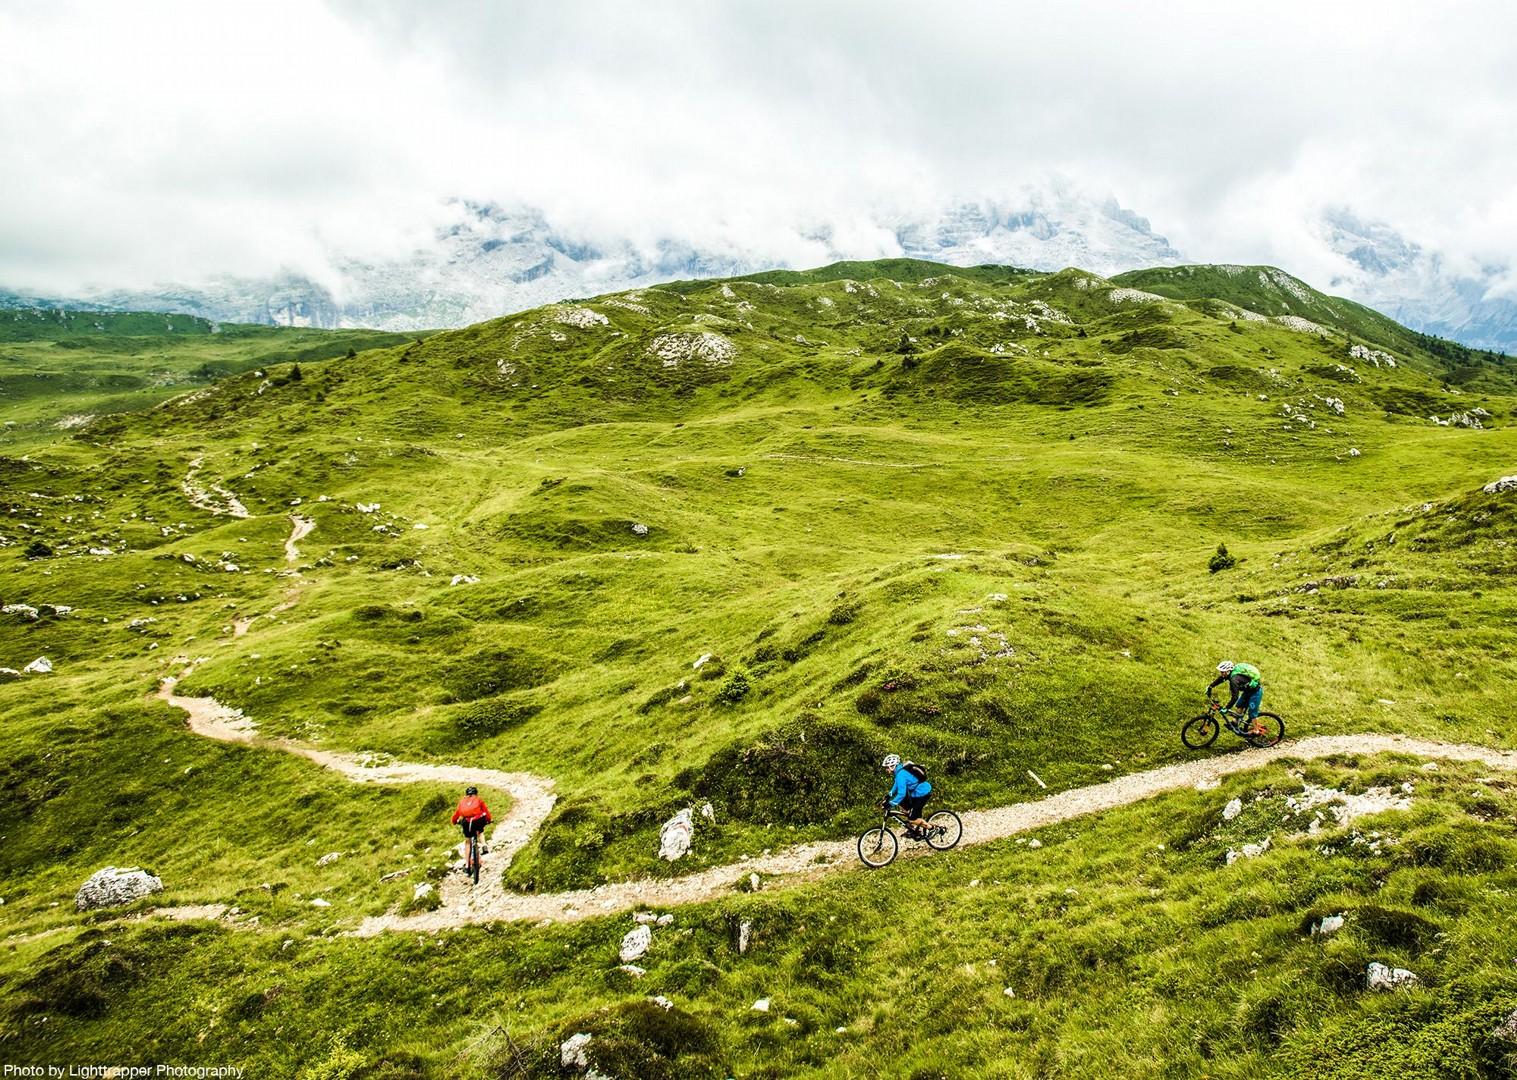 saddle_skedaddle_italy_2017_day6_brenta_dolomites_176-2.jpg - Italy - Dolomites of Brenta - Guided Mountain Bike Holiday - Italia Mountain Biking